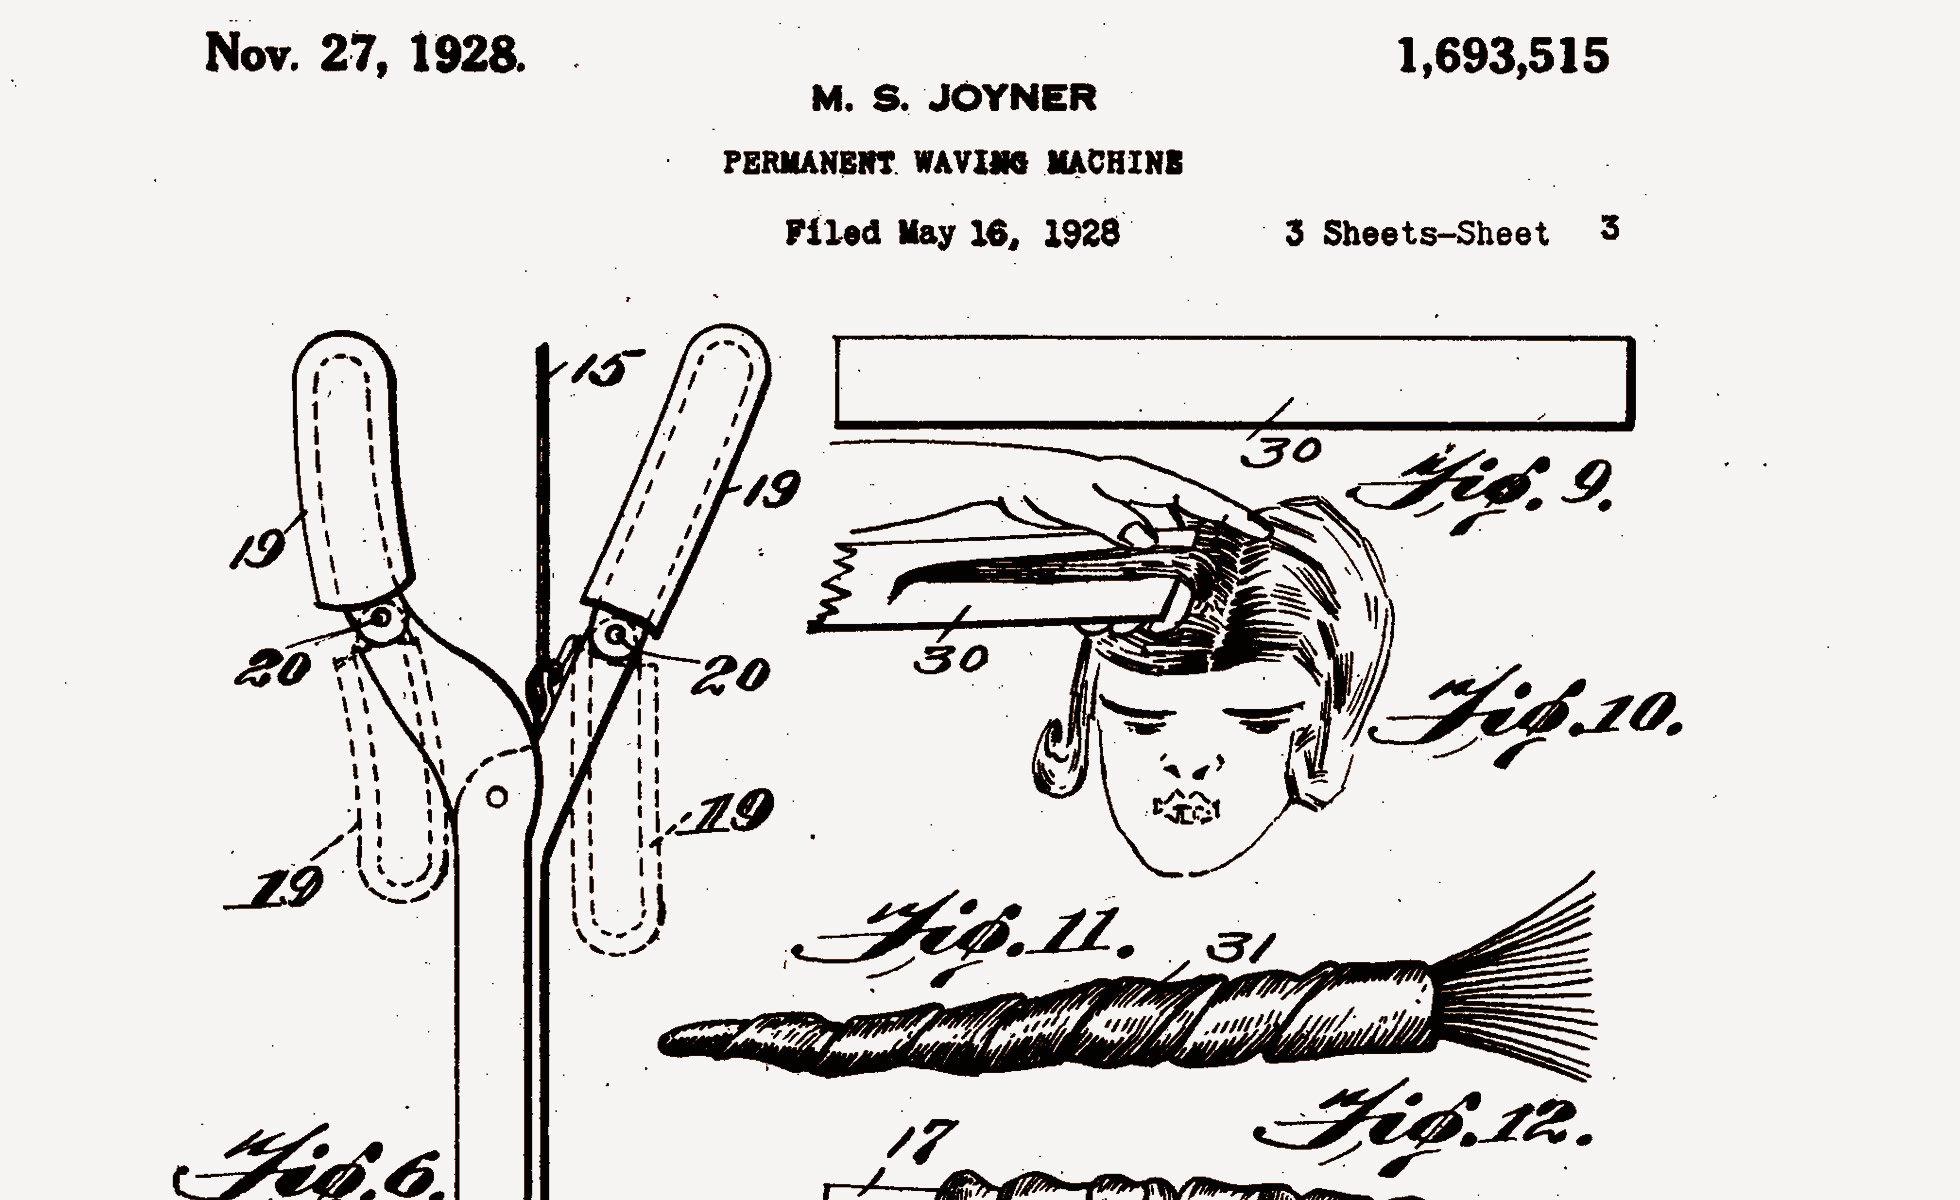 Photo: Majorie S. Joyner, US Patent 1693515